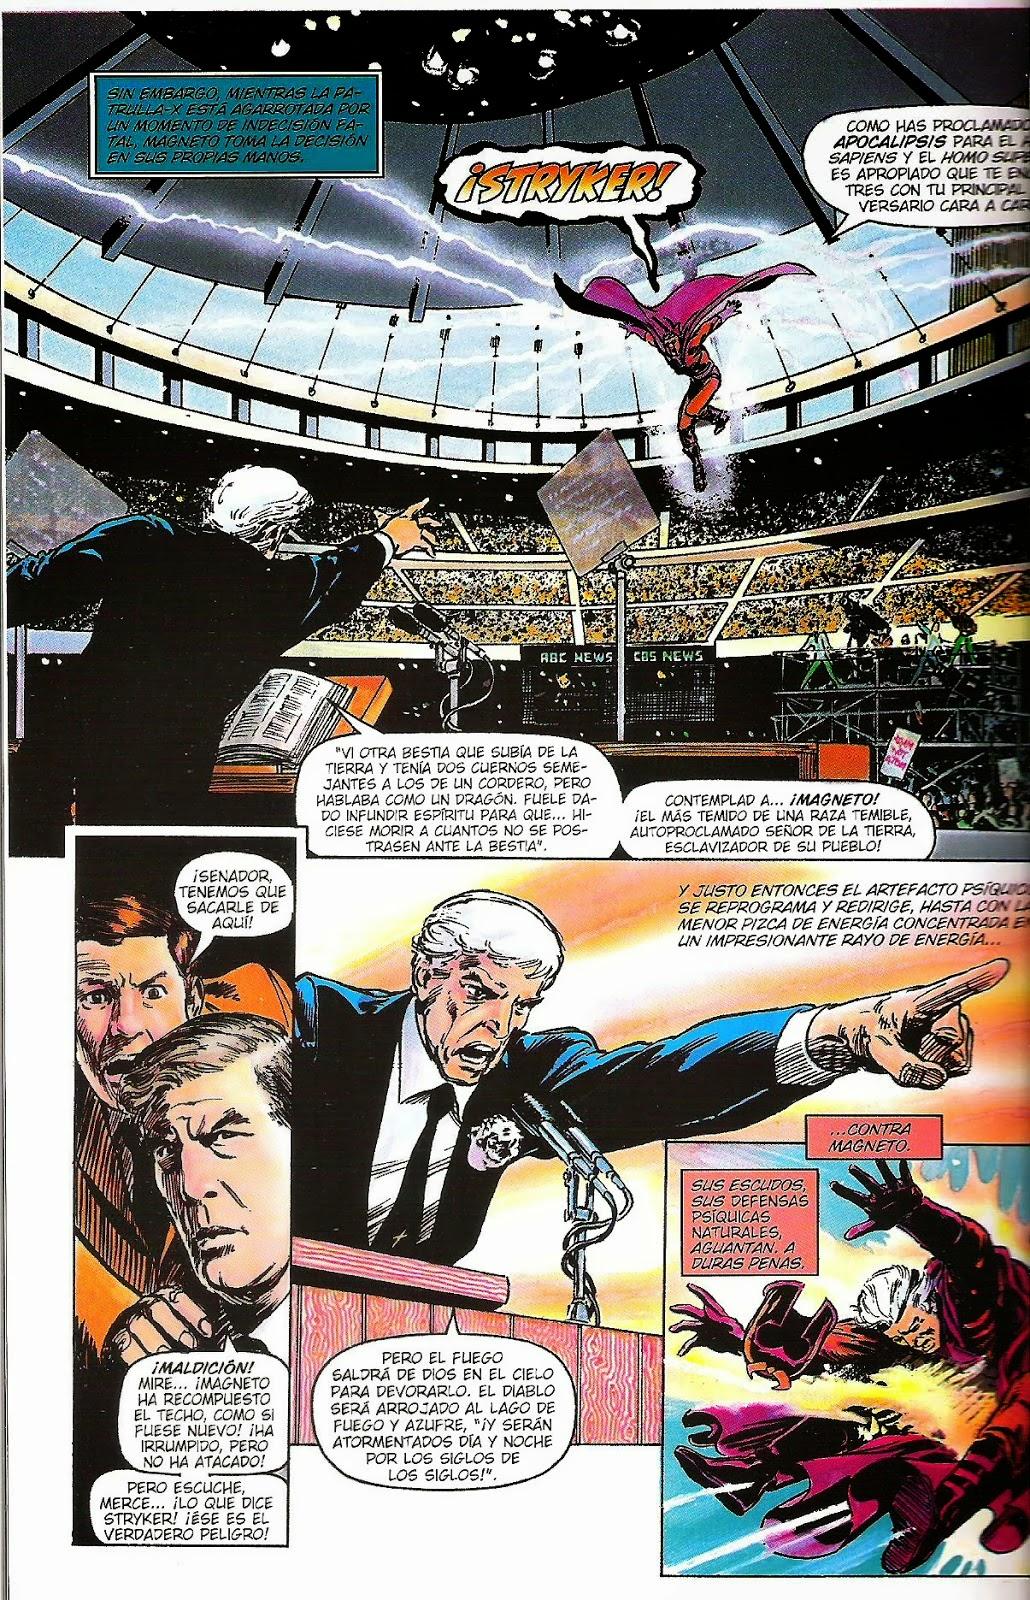 La historia narra la confrontación de los X-Men con un nuevo movimiento  anti mutante liderado por el reverendo William Striker.